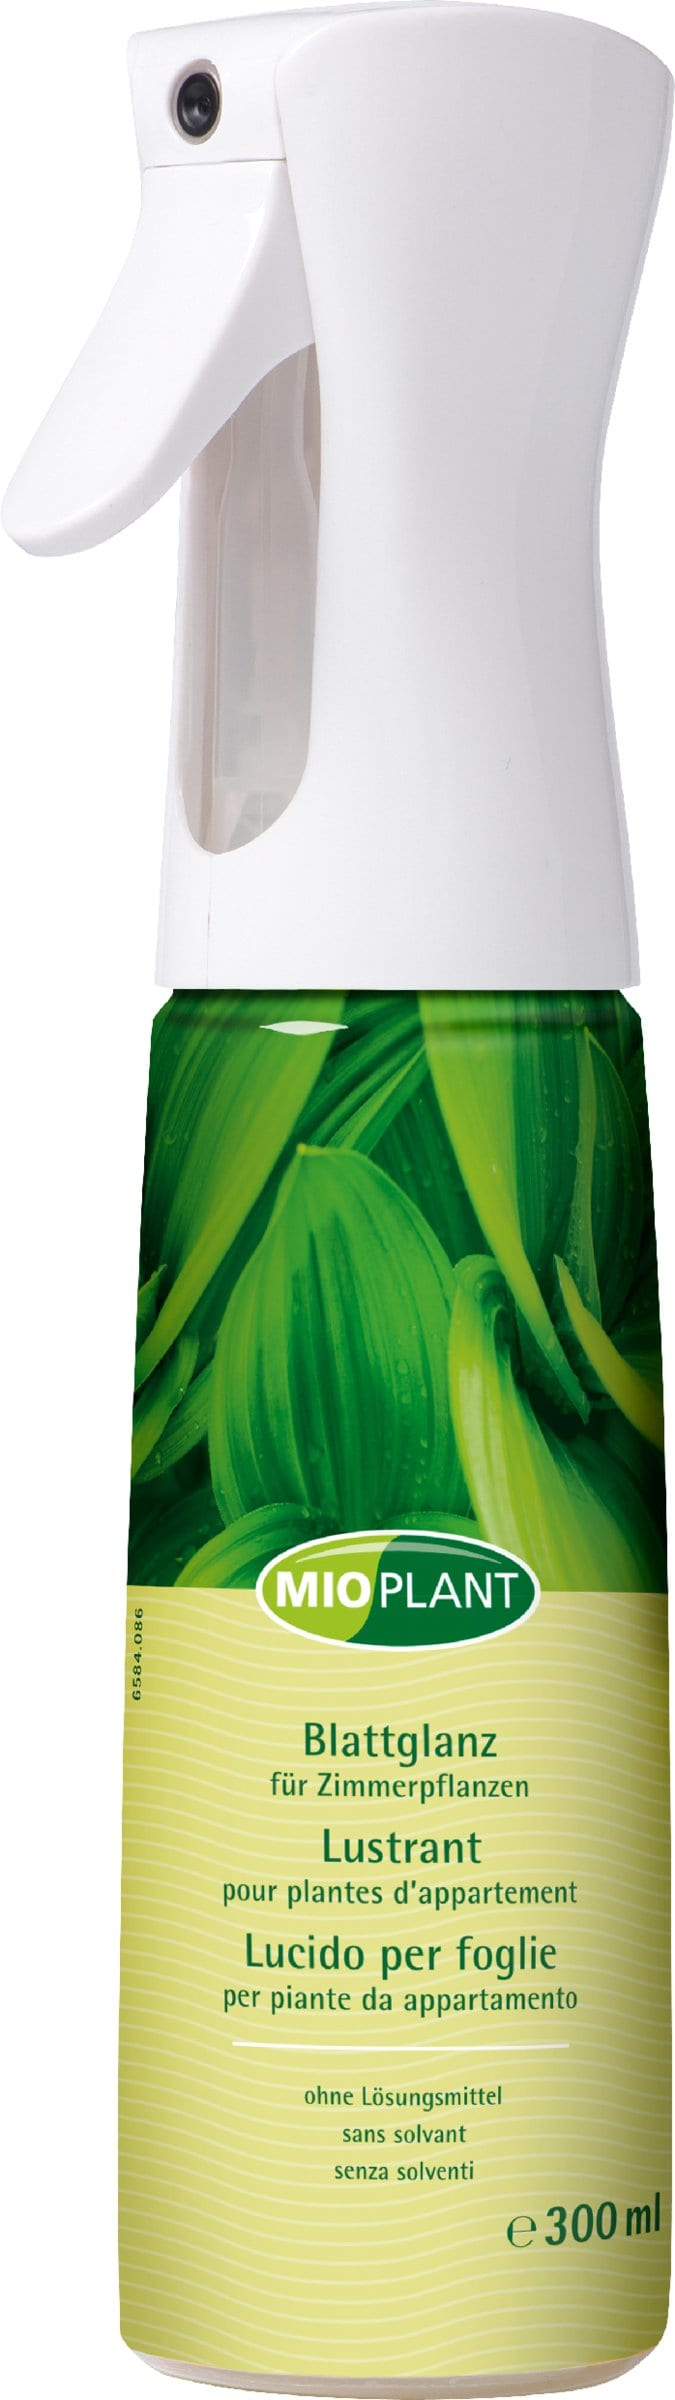 Mioplant Blattglanz für Zimmerpflanzen, 300 ml